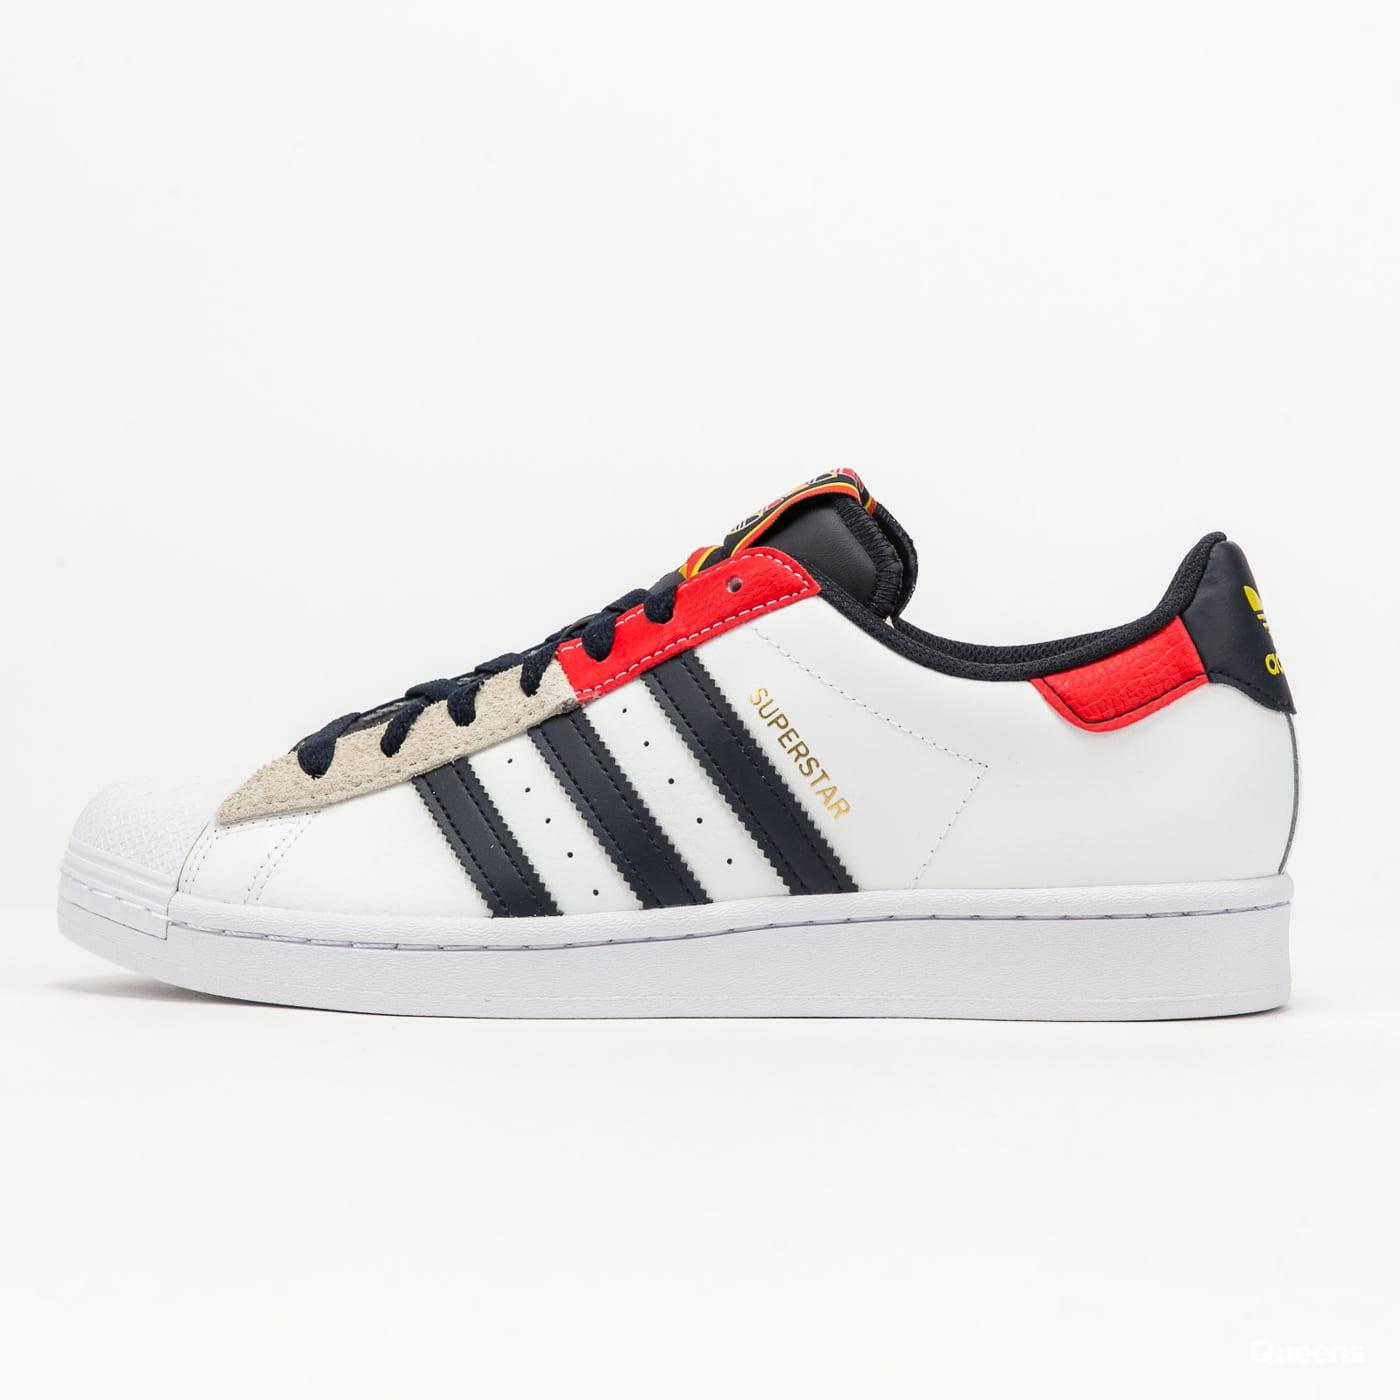 adidas Originals Superstar ftwwht / legink / red